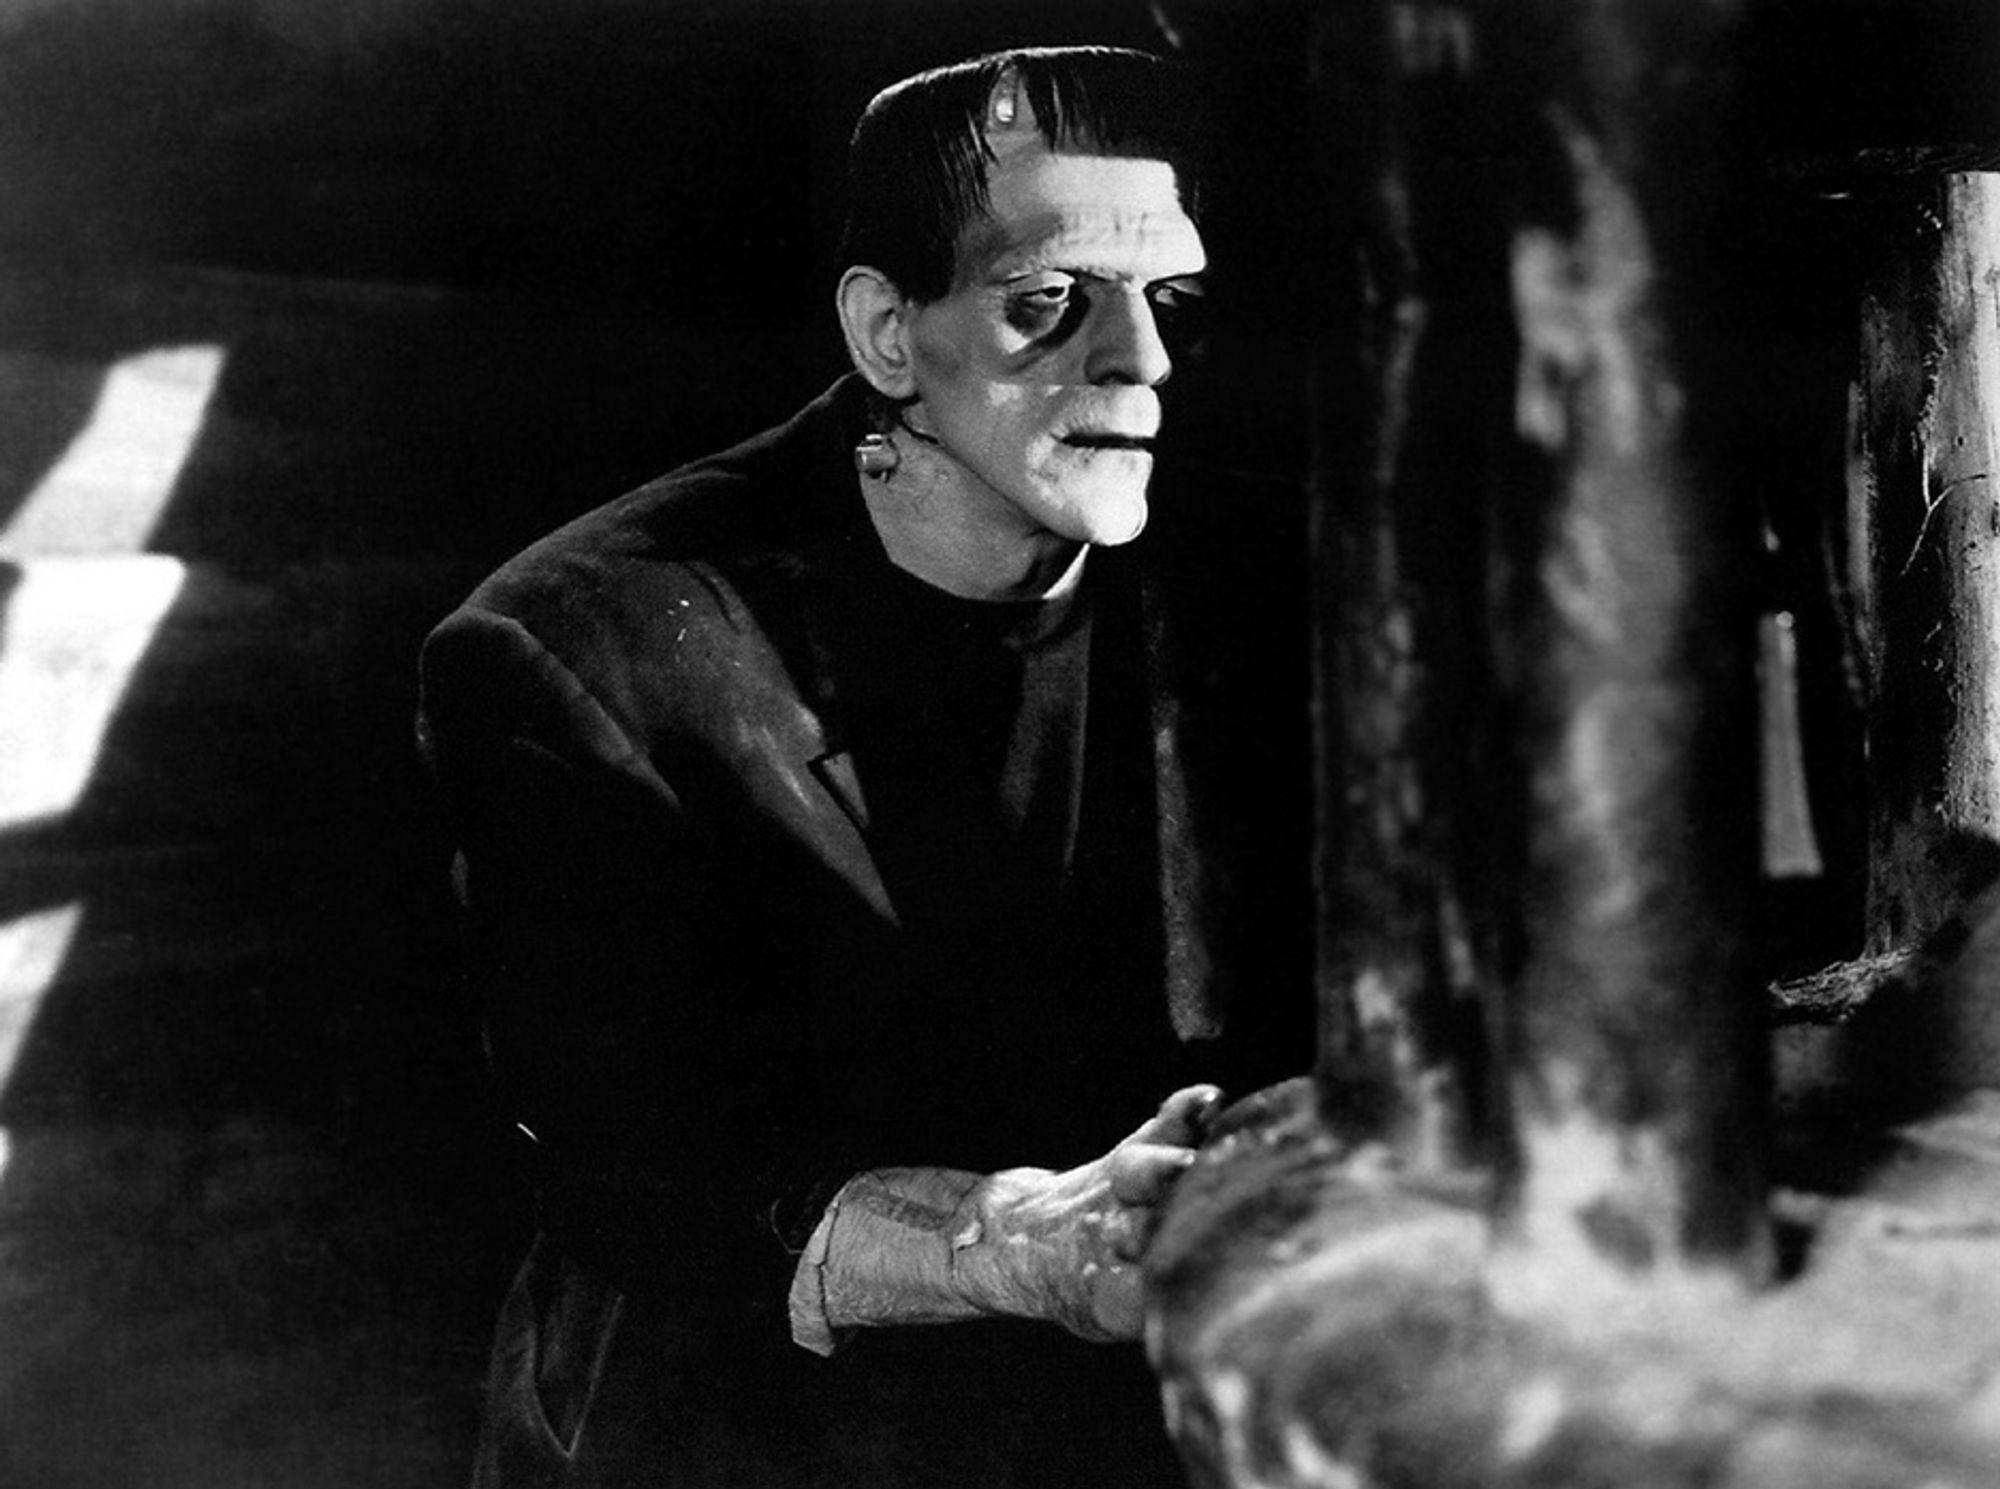 Den slemme forskeren er ofte utenfor samfunnets kontroll og lever i isolasjon. Skapelse av Frankenstein er et av eksemplene på hva den isolerte forskeren finner på.